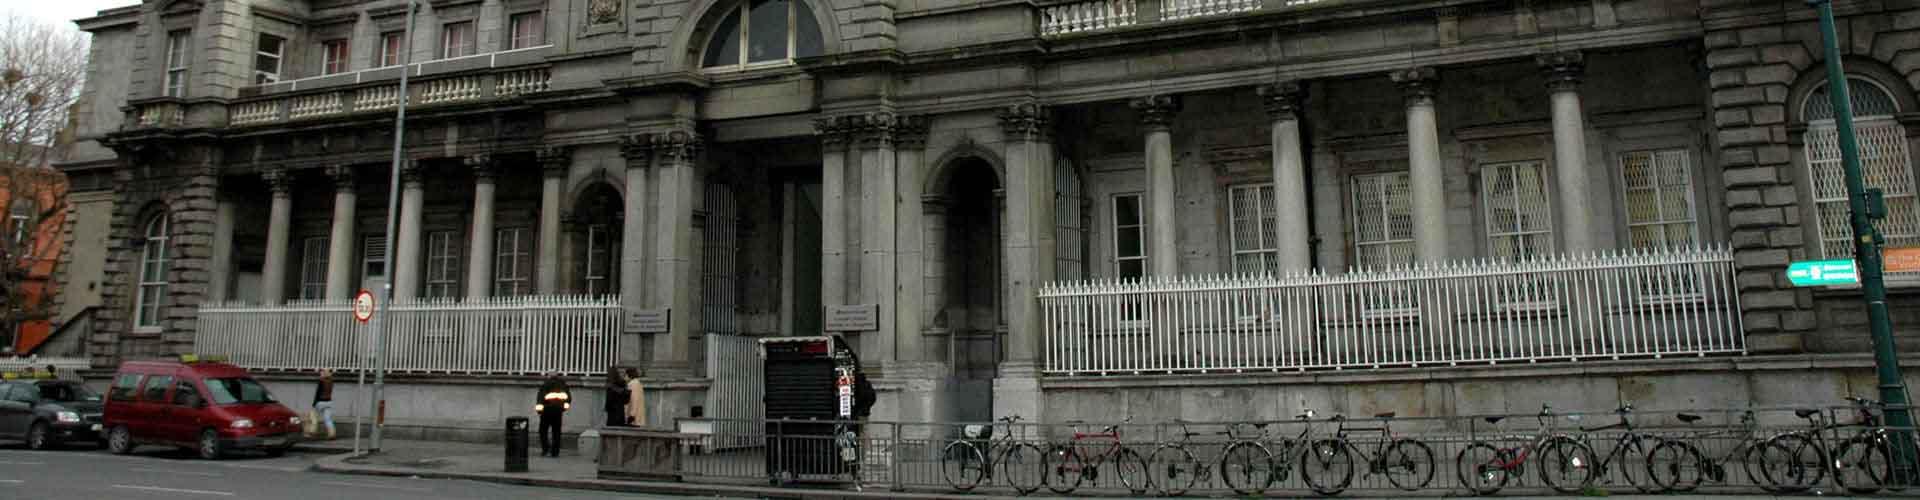 Dublin – Hostellit lähellä Dublin Connolly rautatieasema. Dublin -karttoja, valokuvia ja arvosteluja kaikista Dublin -hostelleista.